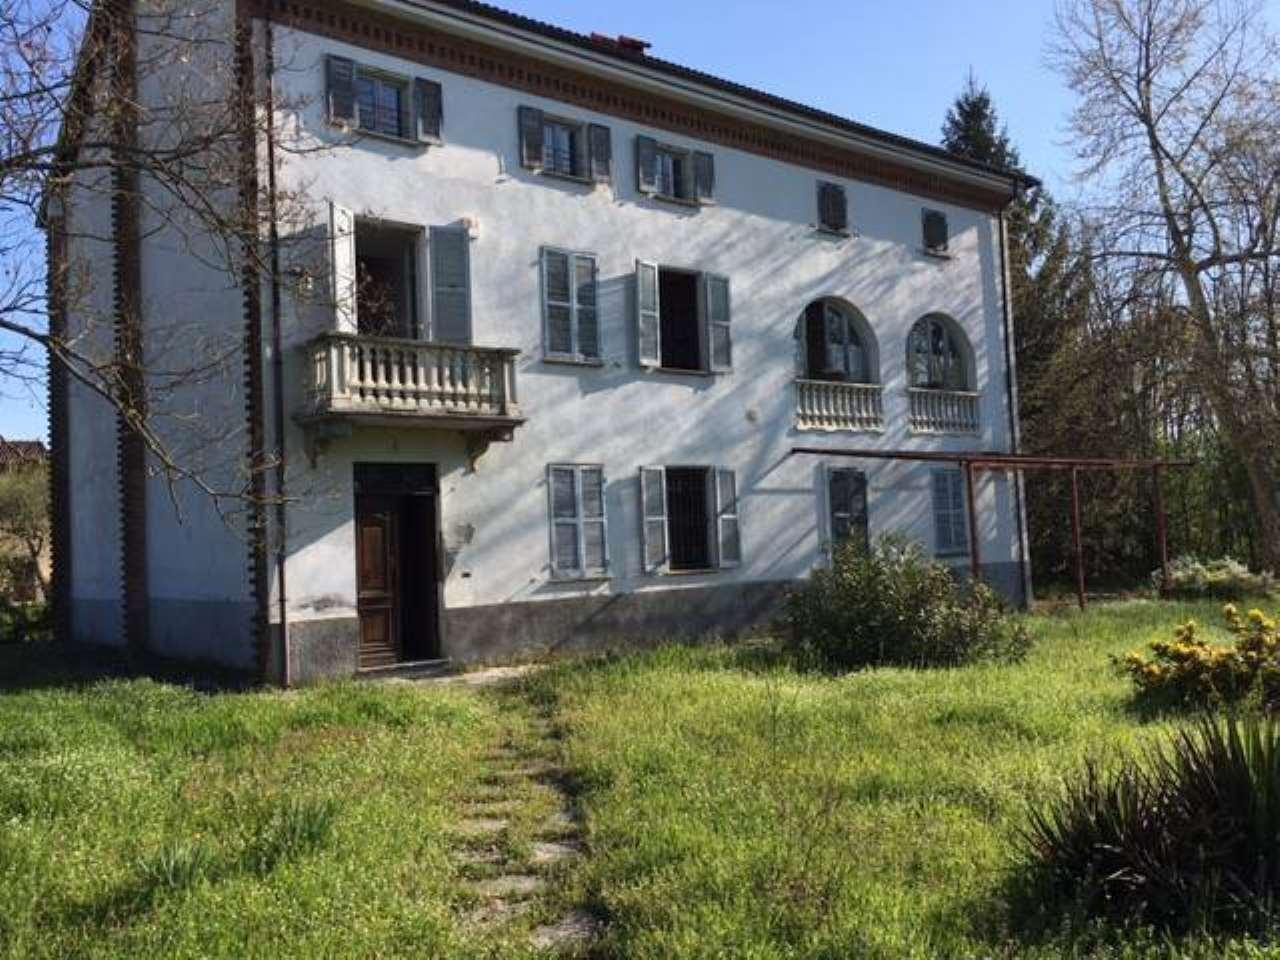 Soluzione Indipendente in vendita a Cassine, 6 locali, prezzo € 230.000 | PortaleAgenzieImmobiliari.it